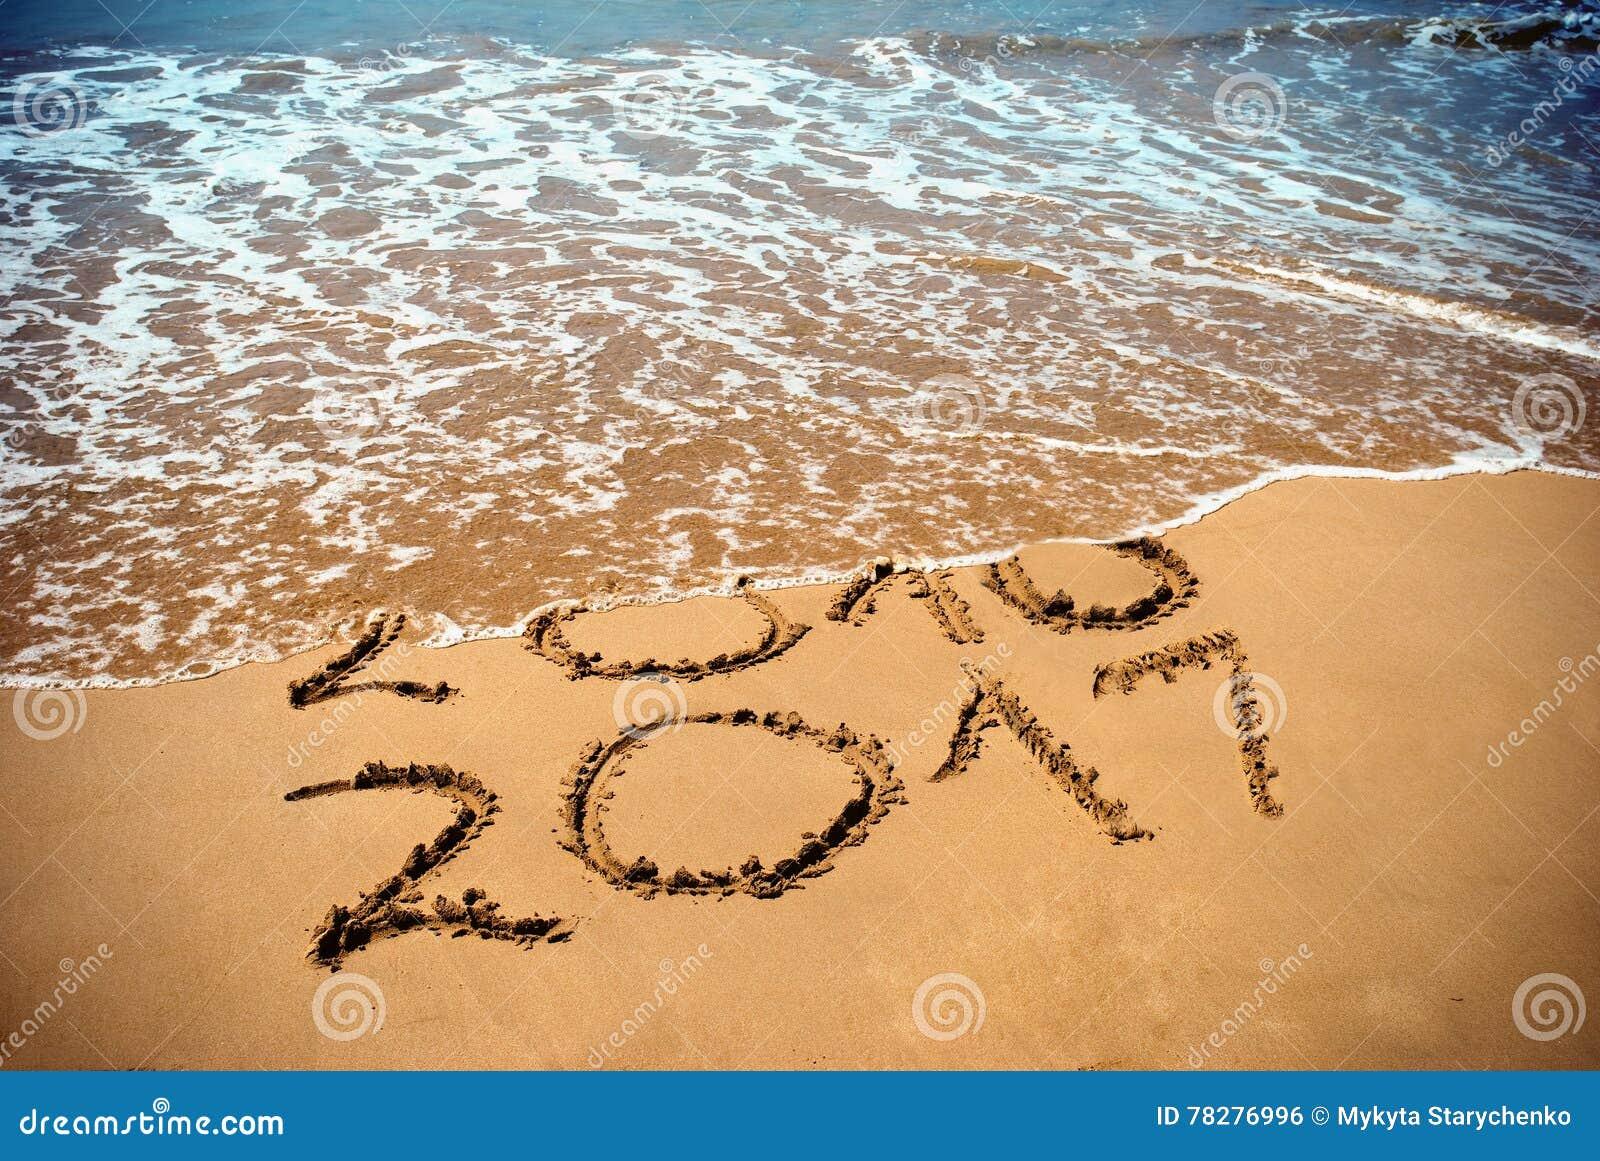 Nowy Rok 2017 jest nadchodzącym pojęciem - inskrypcja 2017, 2016 na plażowym piasku i fala zakrywa cyfry 2016 Nowy Rok 2017 sława